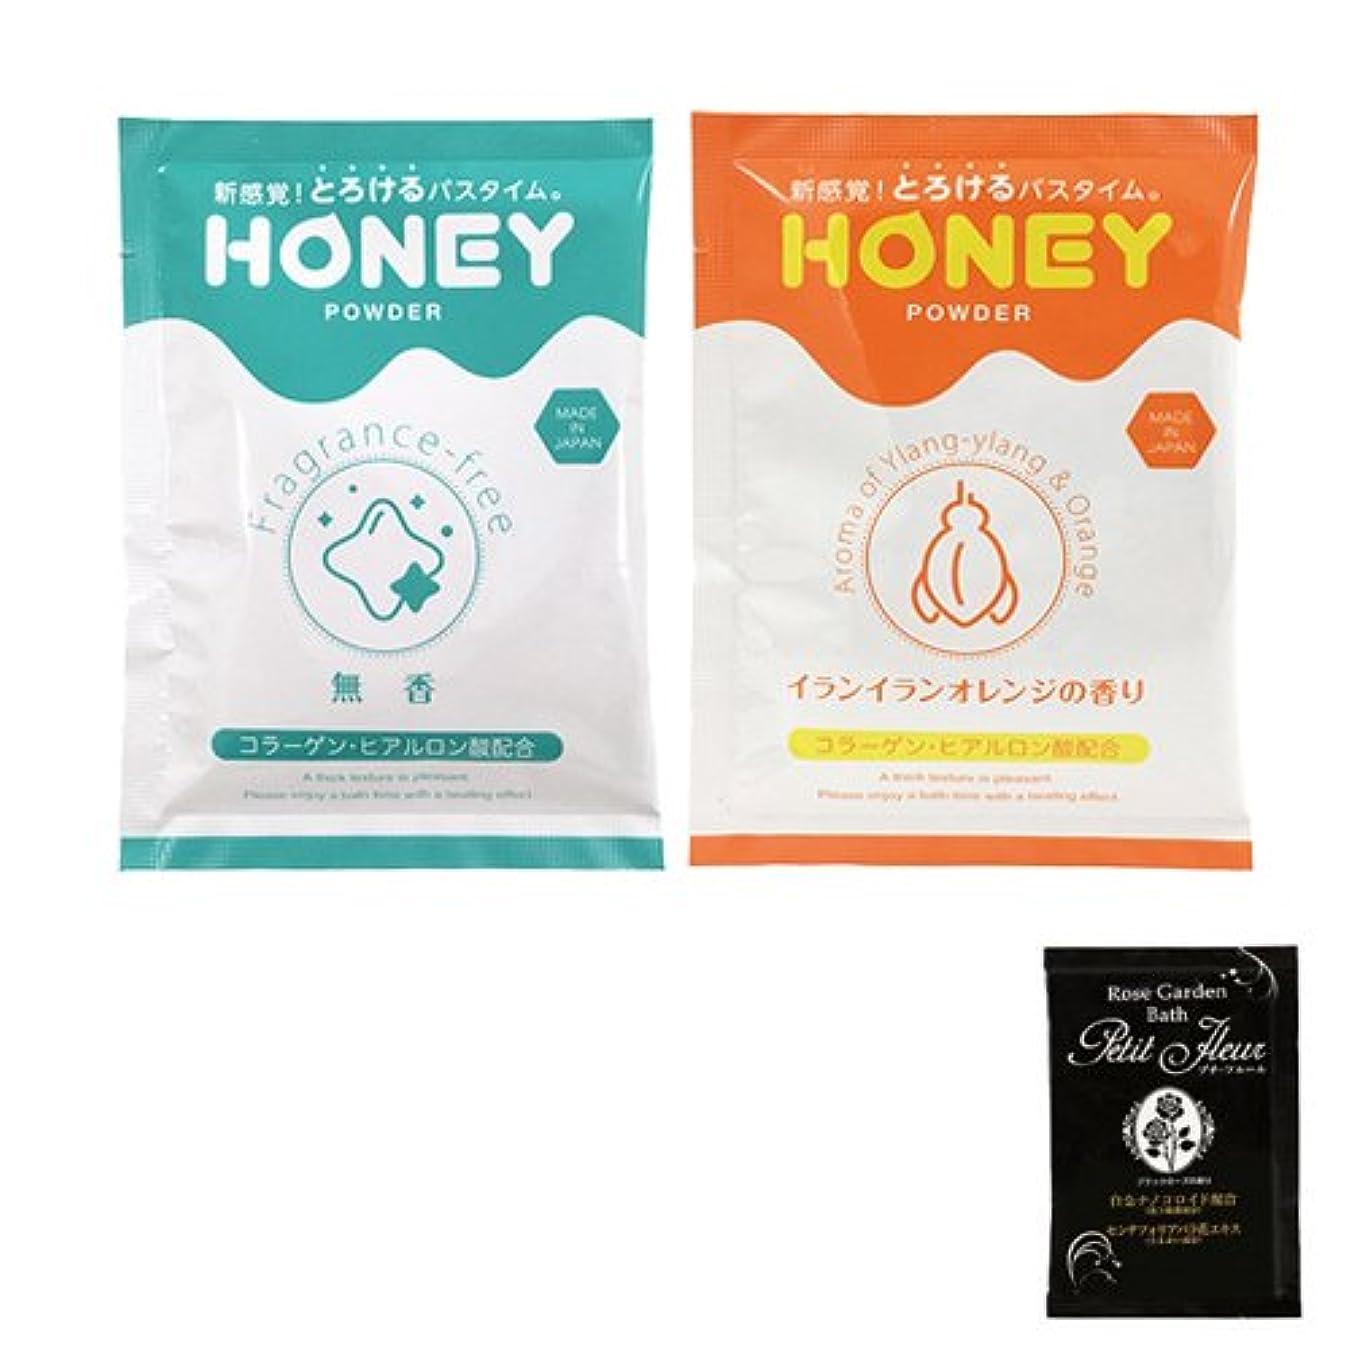 強調するラジカル学生とろとろ入浴剤【honey powder】粉末タイプ イランイランオレンジの香り + 無香 + 入浴剤(プチフルール)1回分